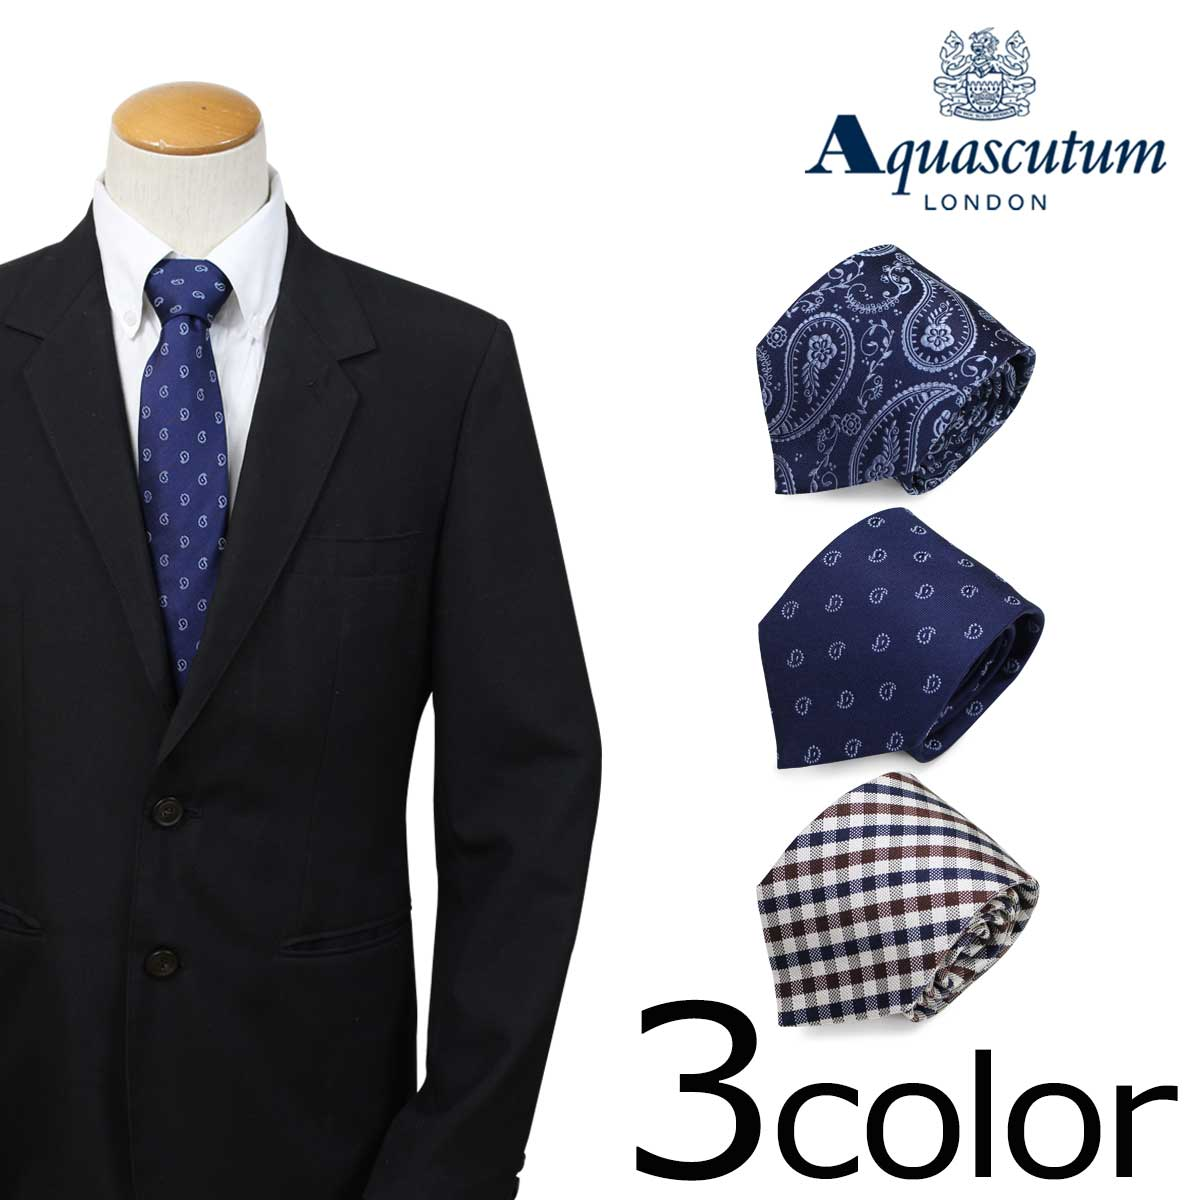 AQUASCUTUM アクアスキュータム ネクタイ イタリア製 シルク ビジネス 結婚式 メンズ [4/3 追加入荷]